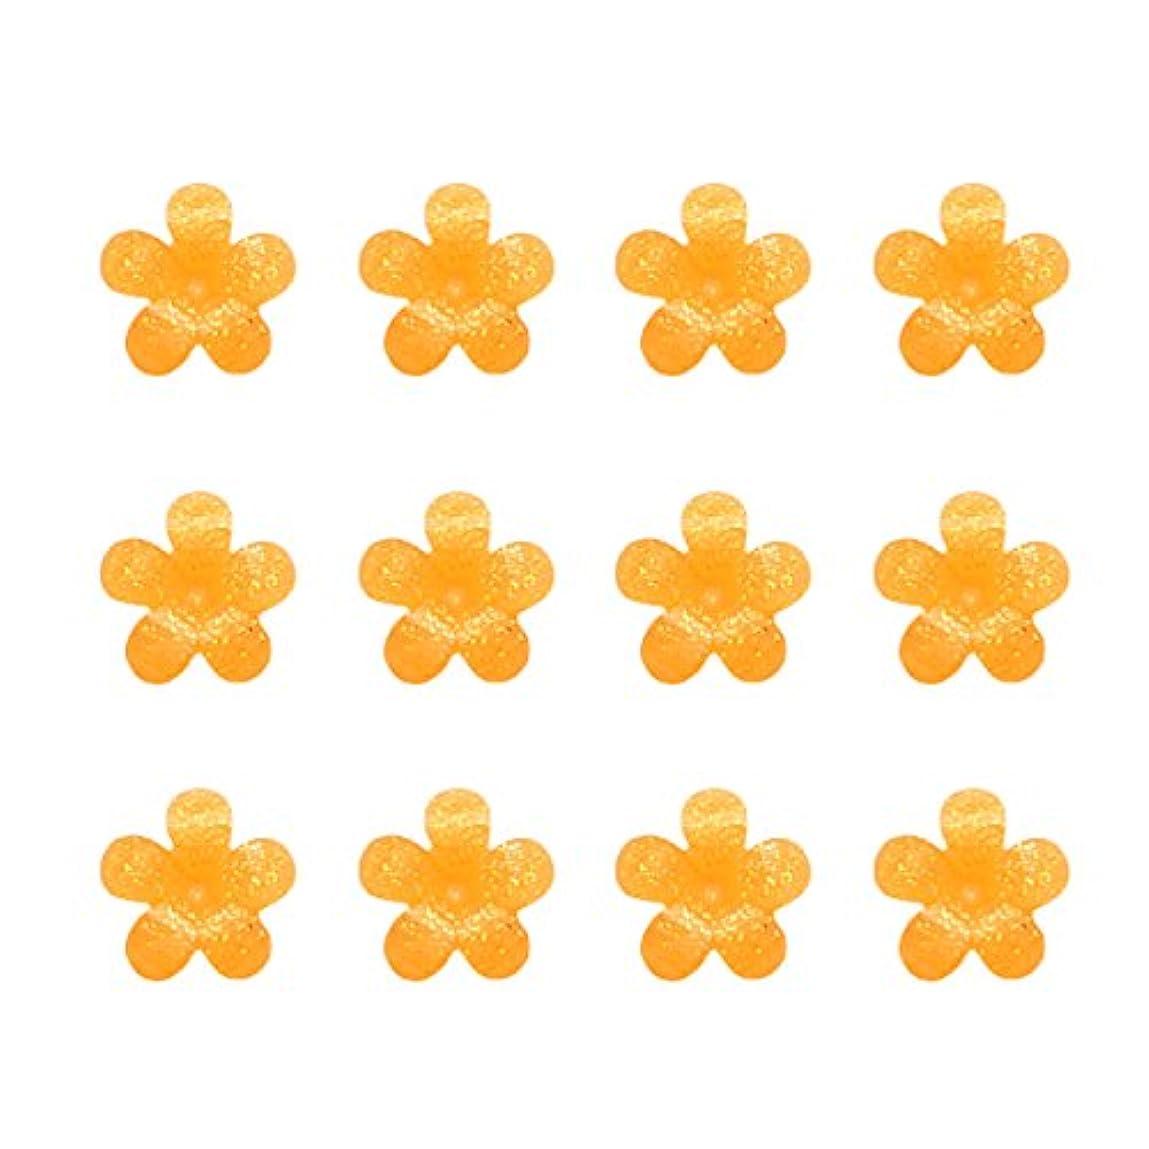 バケツ葉を拾う抽象化Bonnail×RieNofuji シャルマンシュクル オランジュプティ